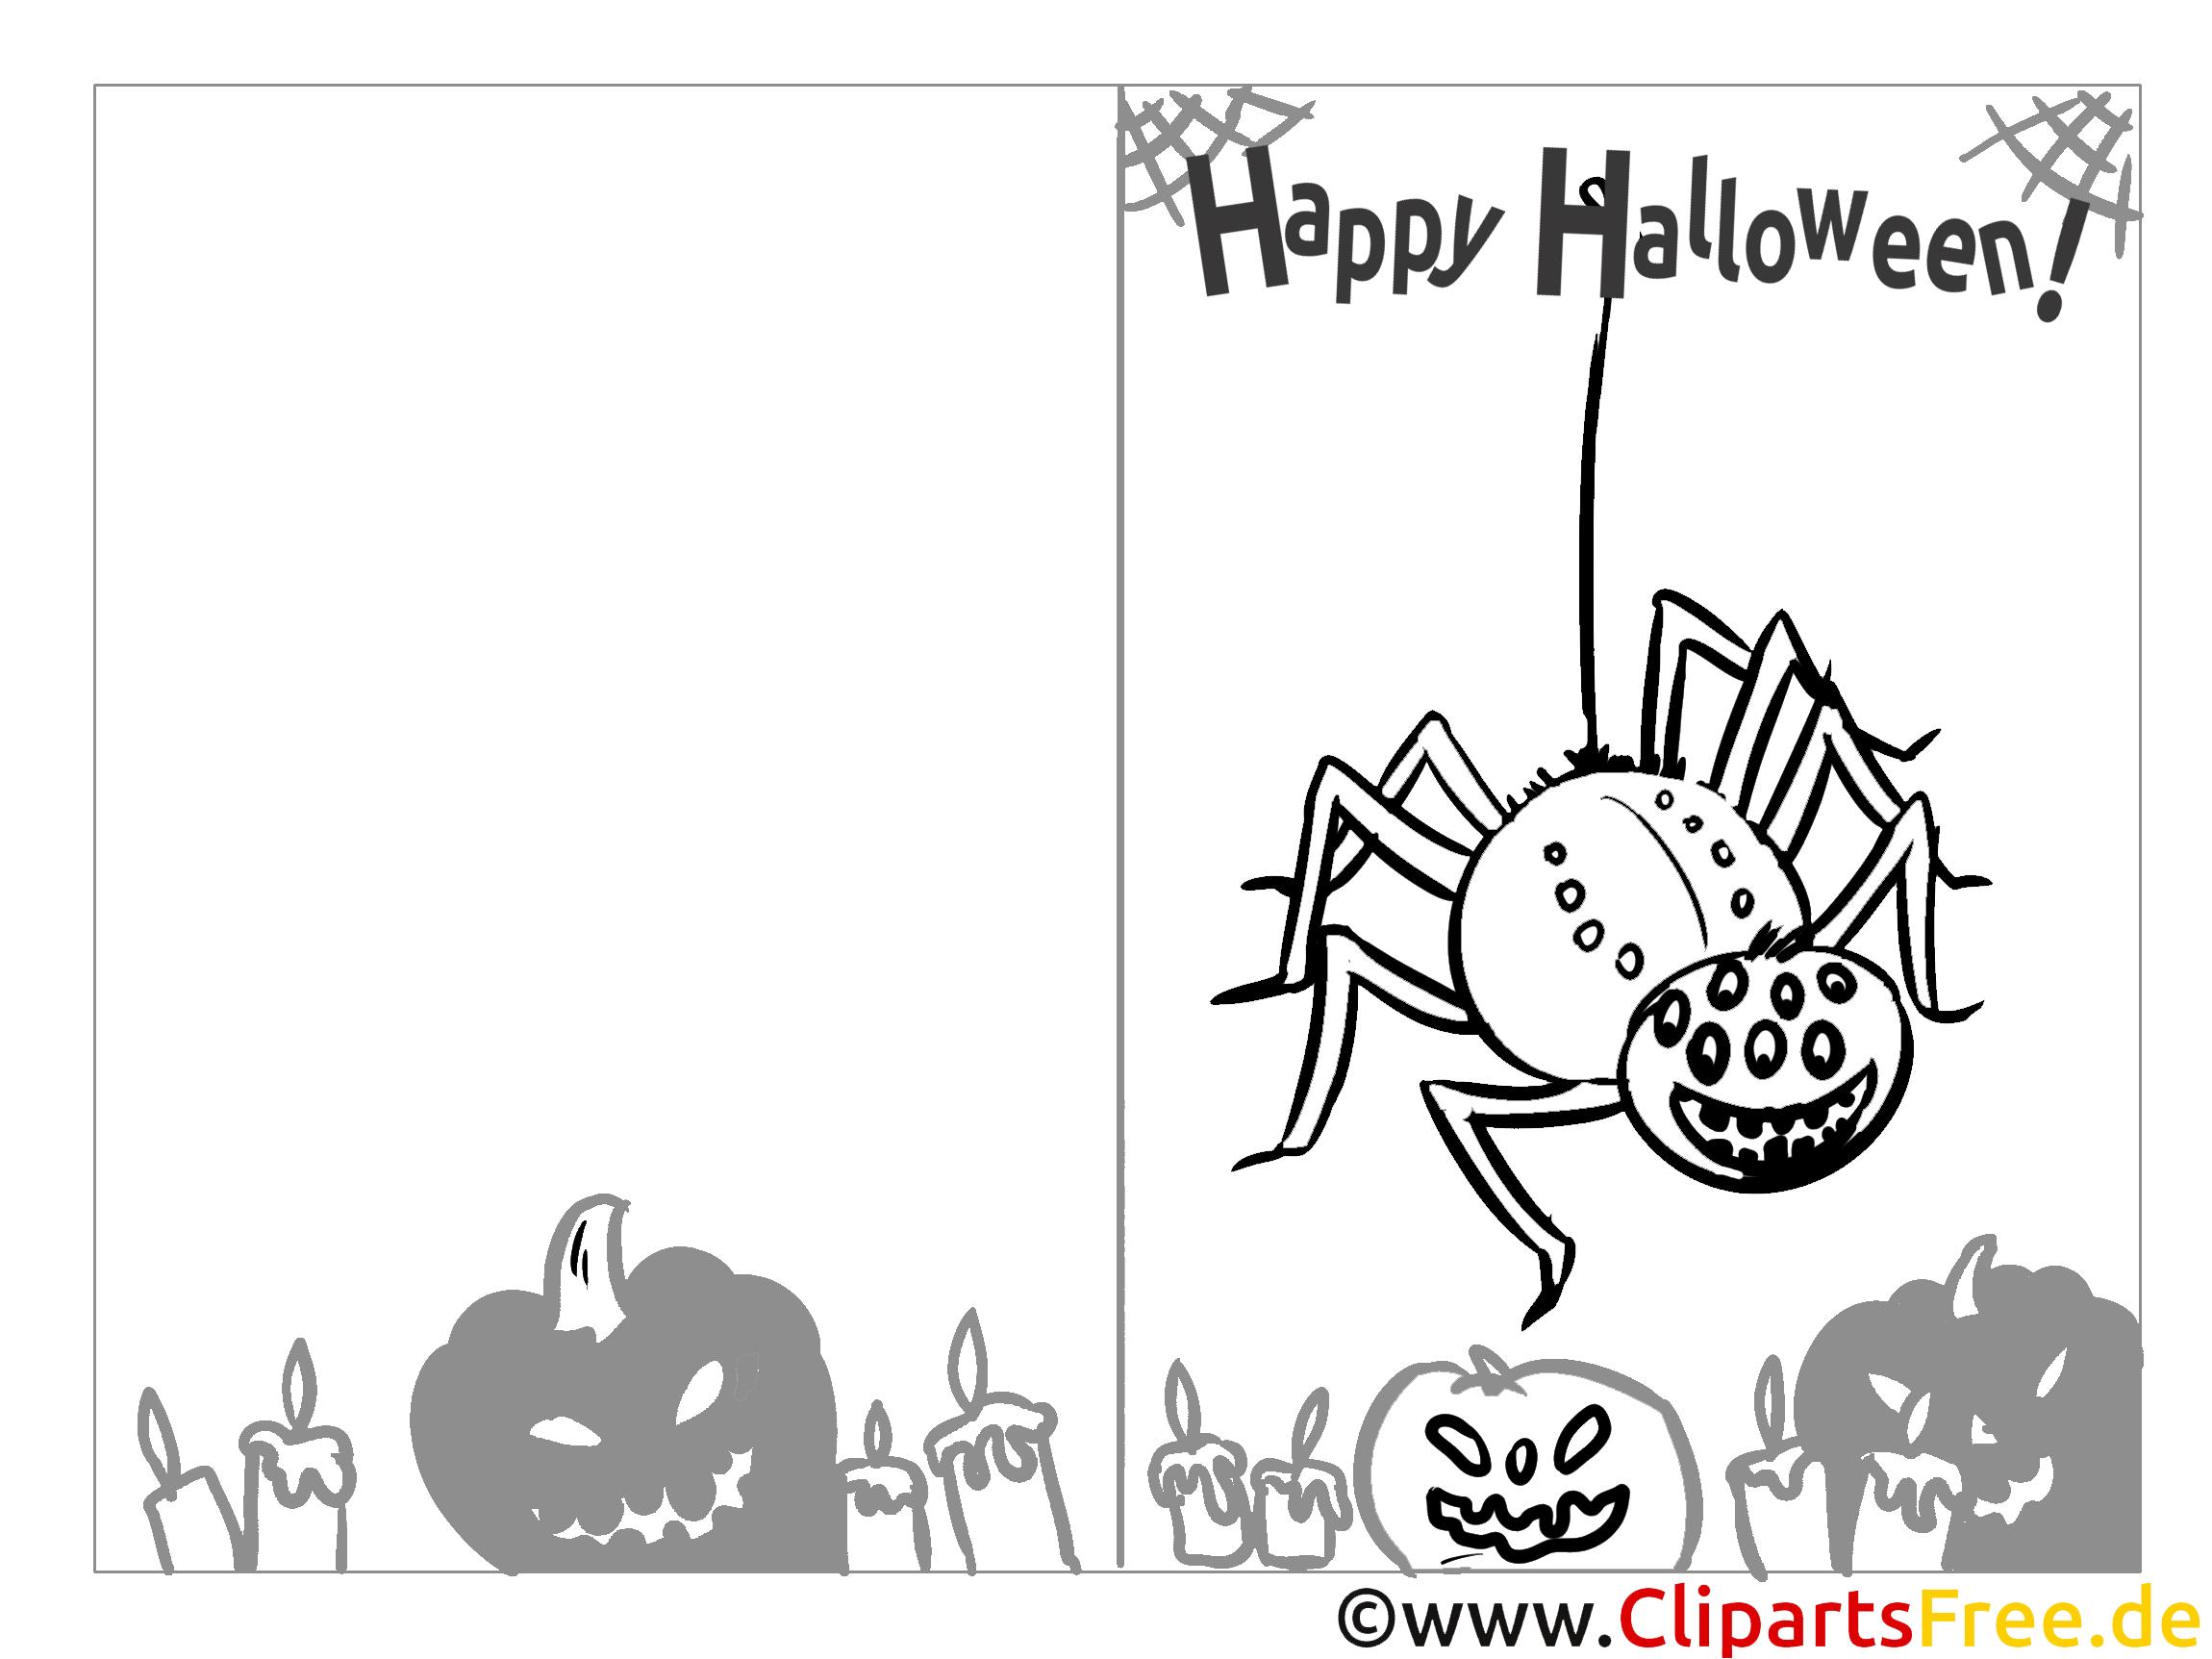 spinne malvorlage zu halloween als grusskarte